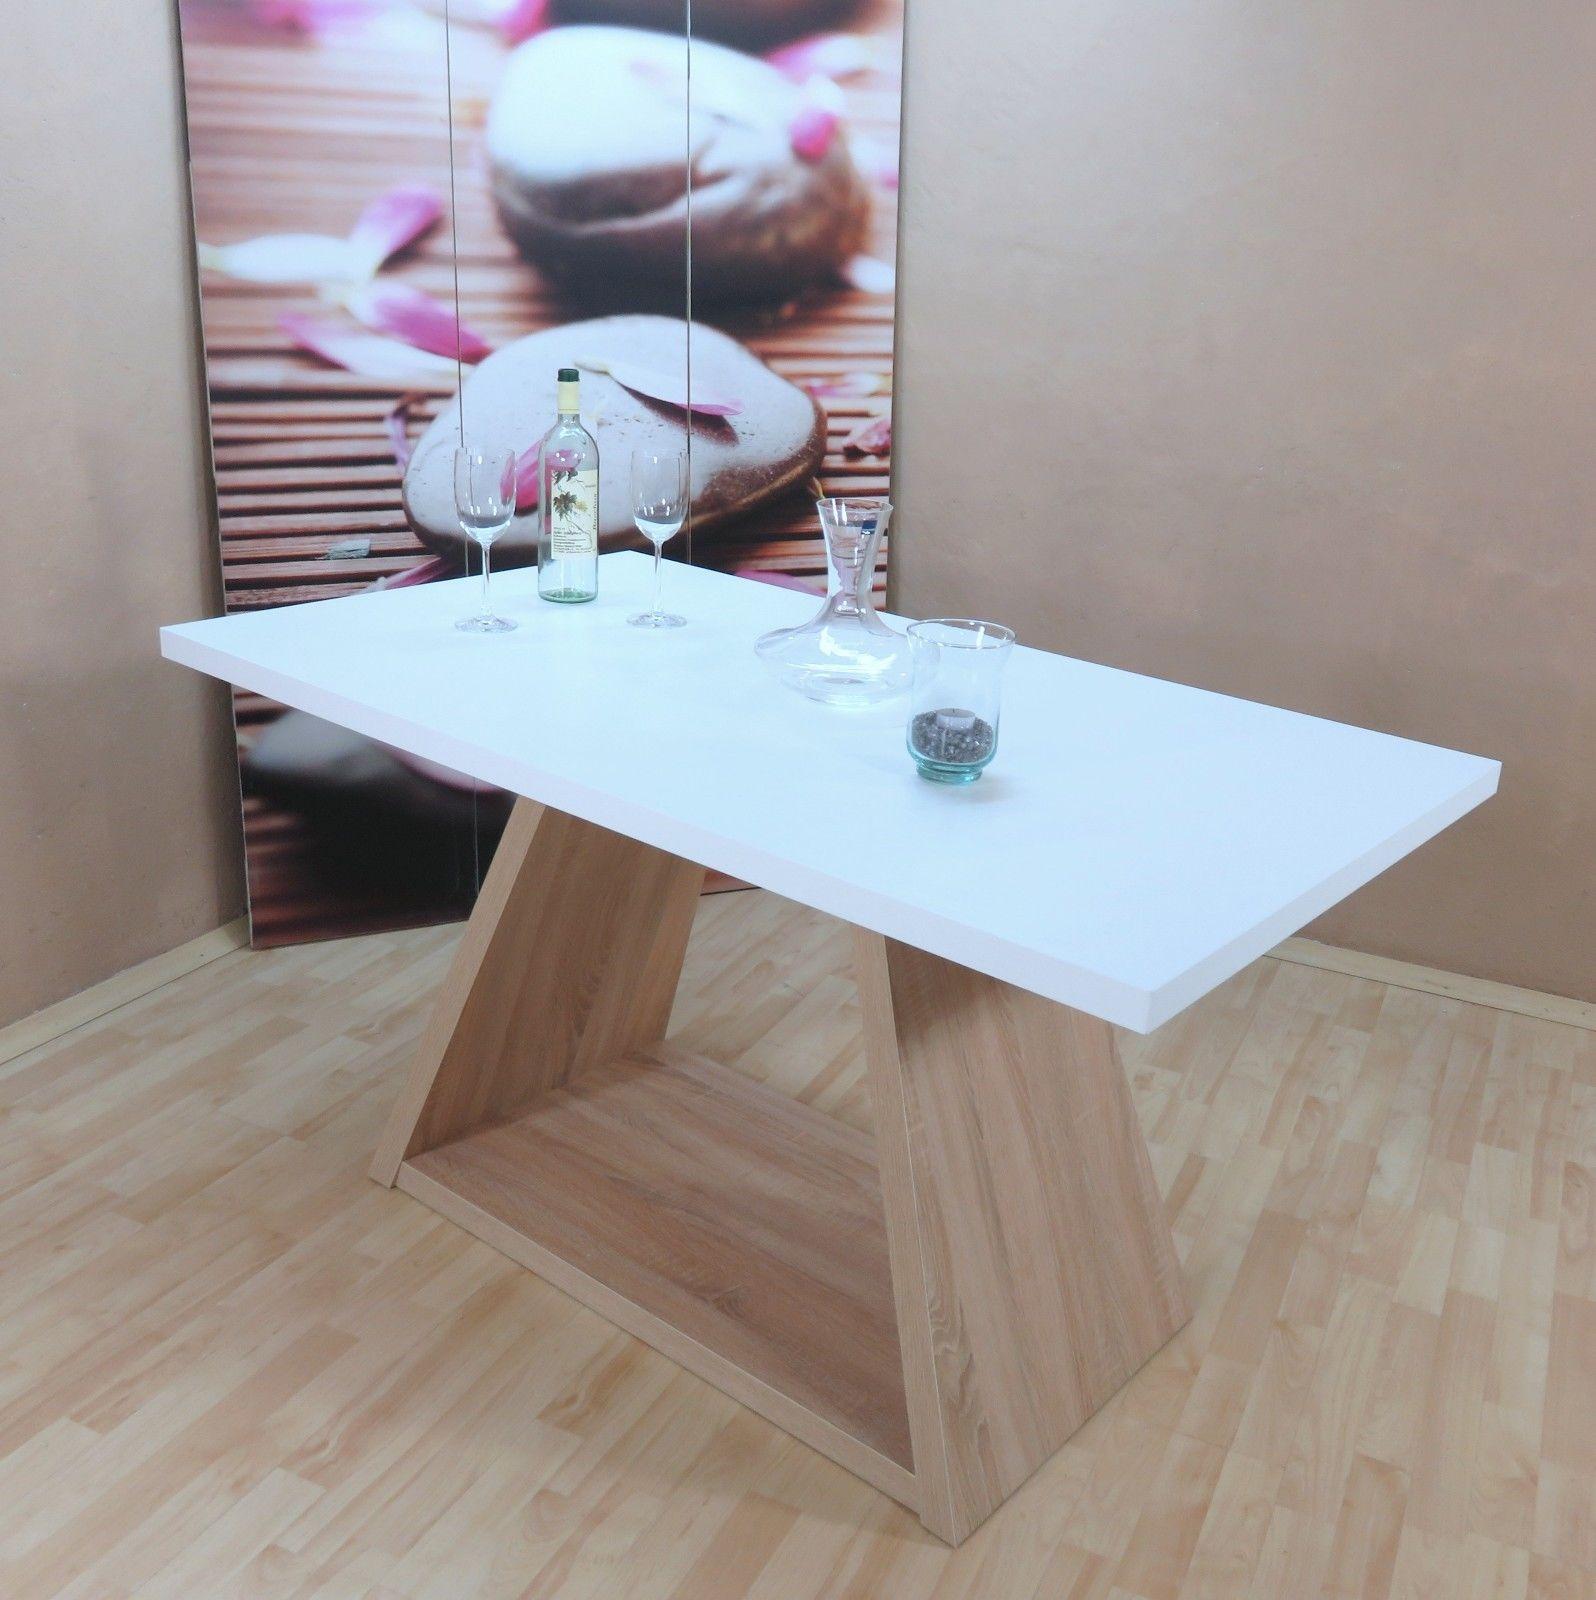 Säulentisch Weiß Eiche Sonoma Esstisch Wohnzimmer Esszimmer Modern Deisgn  Edel